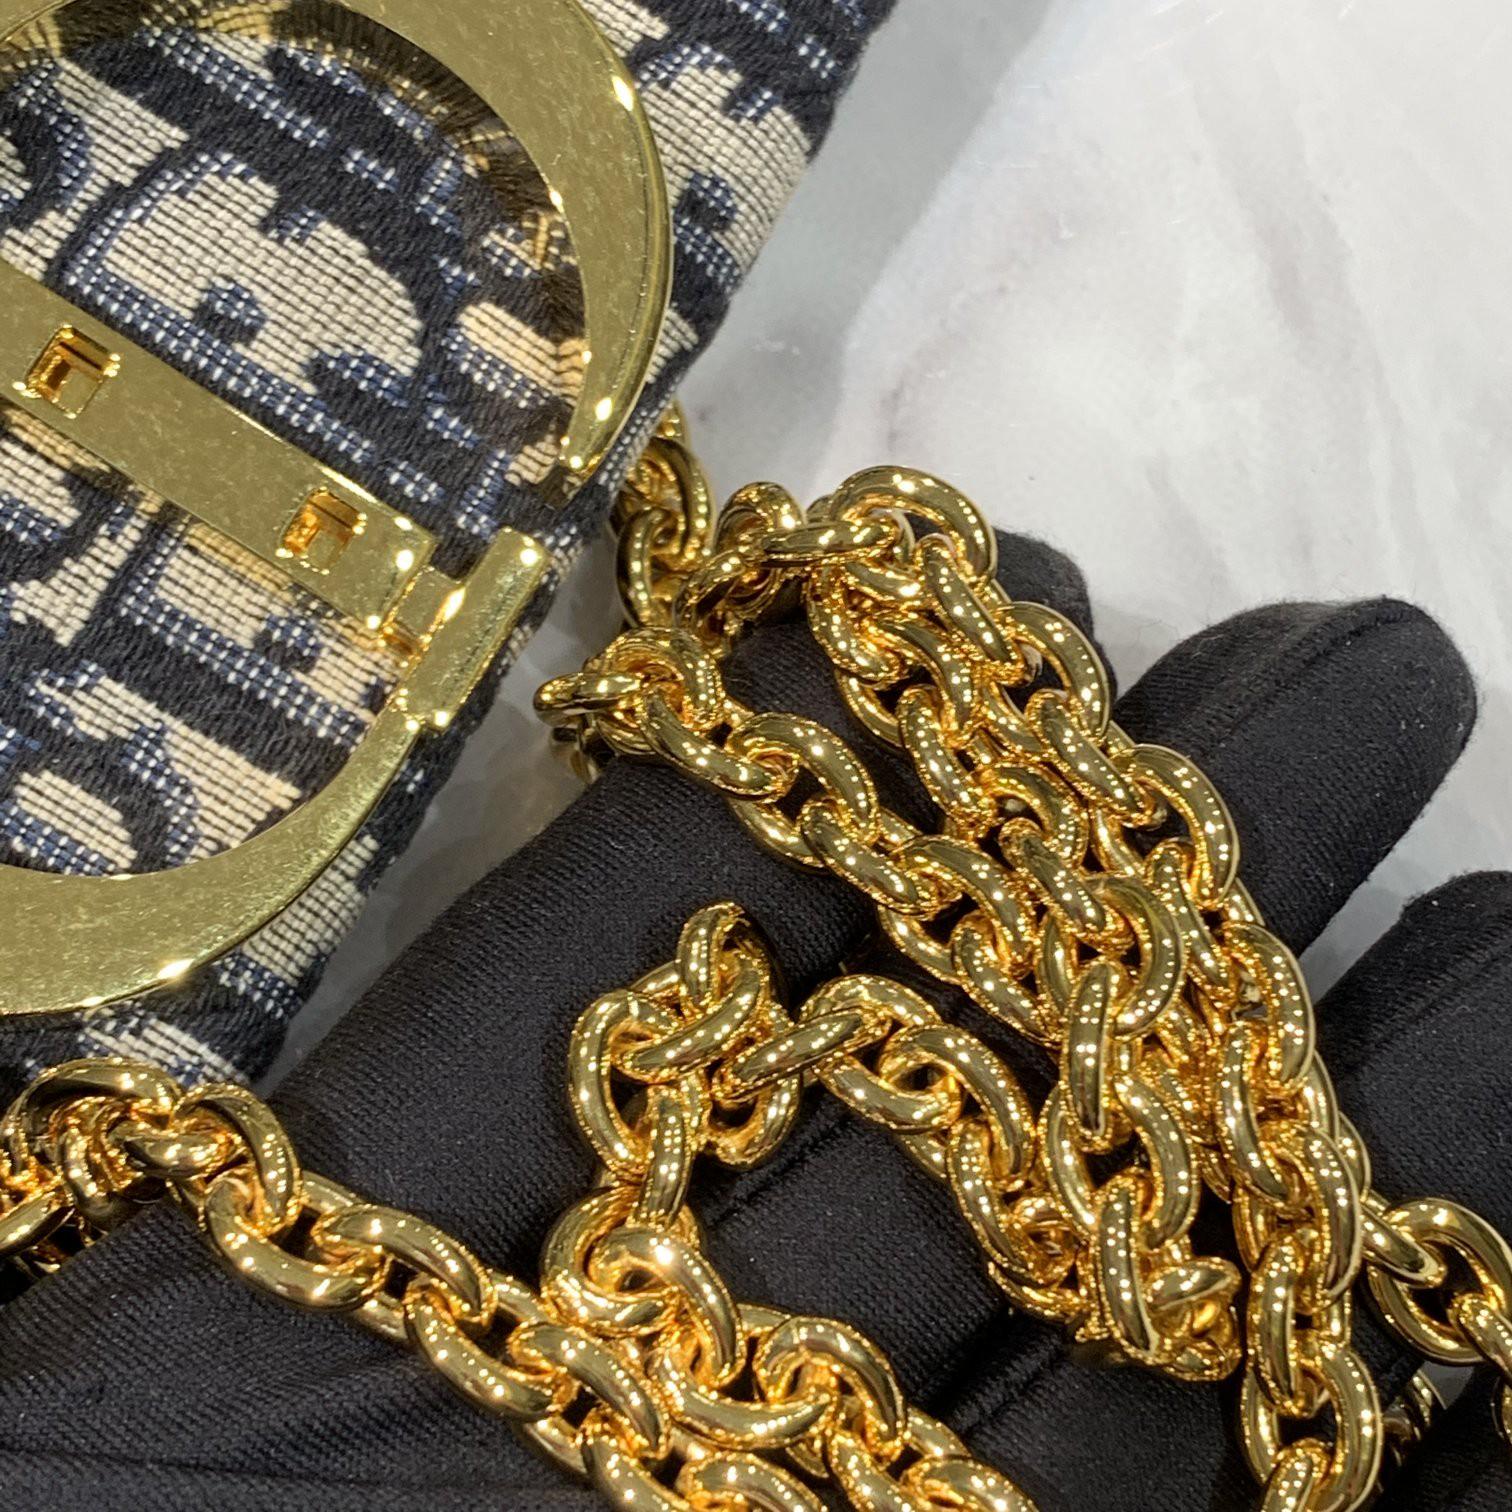 30 蒙田 手拿包 配可拆卸的链条 轻便又休闲 简单又好搭配  23.5cm